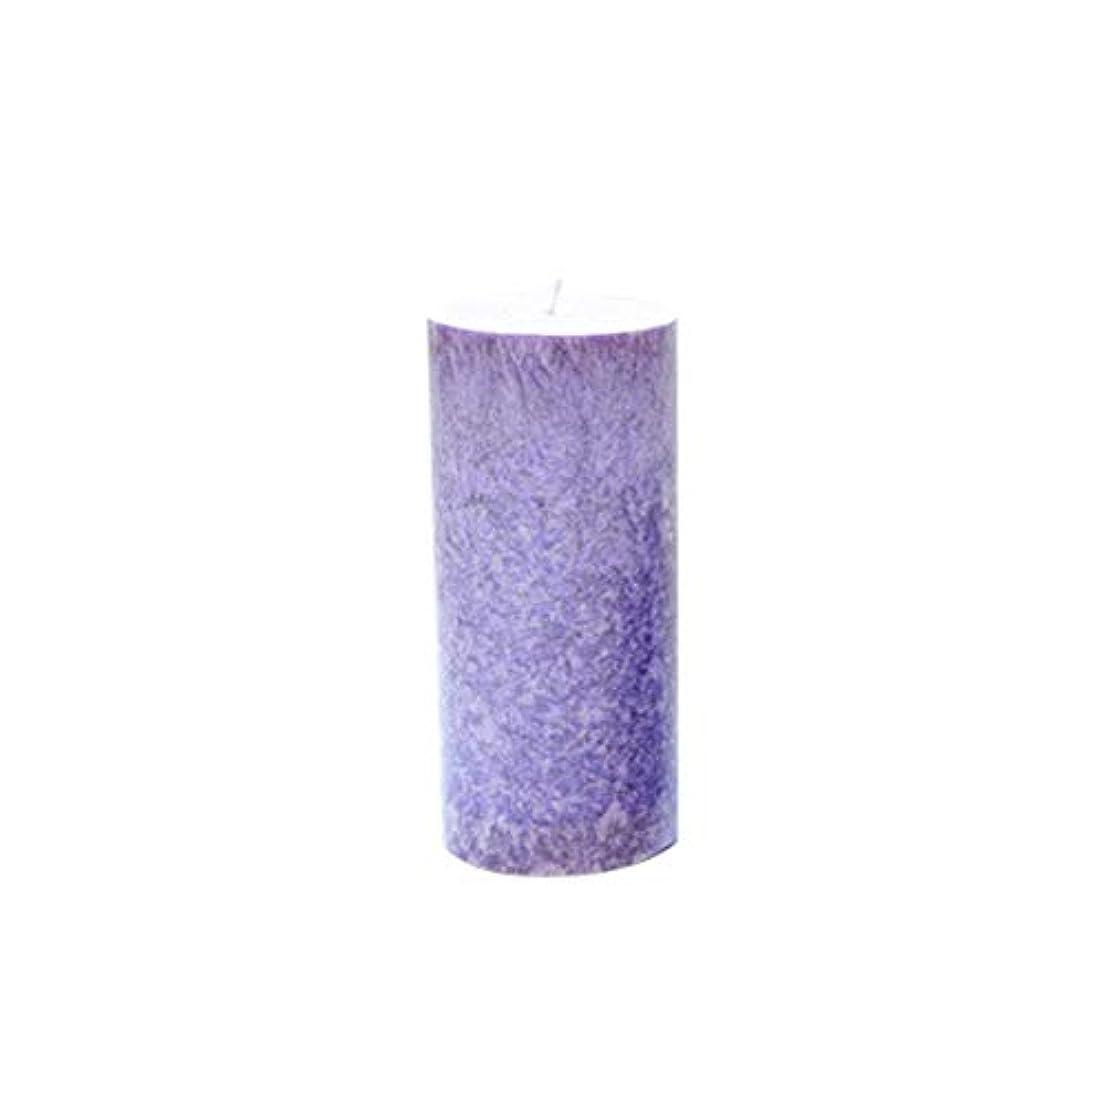 推進、動かす求める相互Rakuby 香料入り 蝋燭 ロマンチック 紫色 ラベンダー アロマ療法 柱 蝋燭 祝祭 結婚祝い 無煙蝋燭